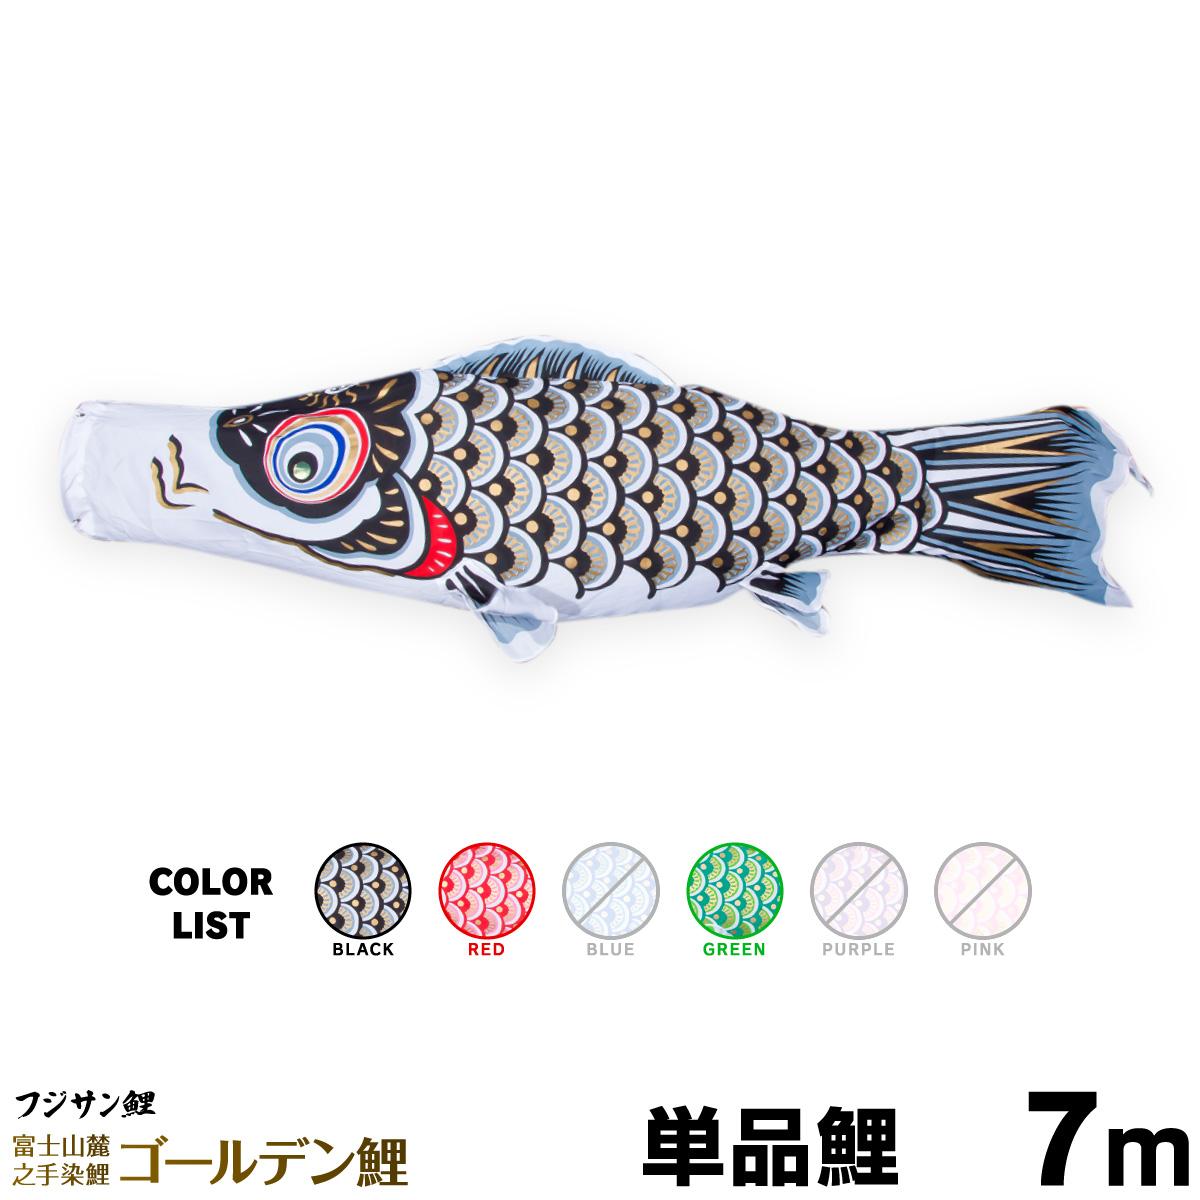 【こいのぼり 単品】 ゴールデン鯉 7m 単品鯉